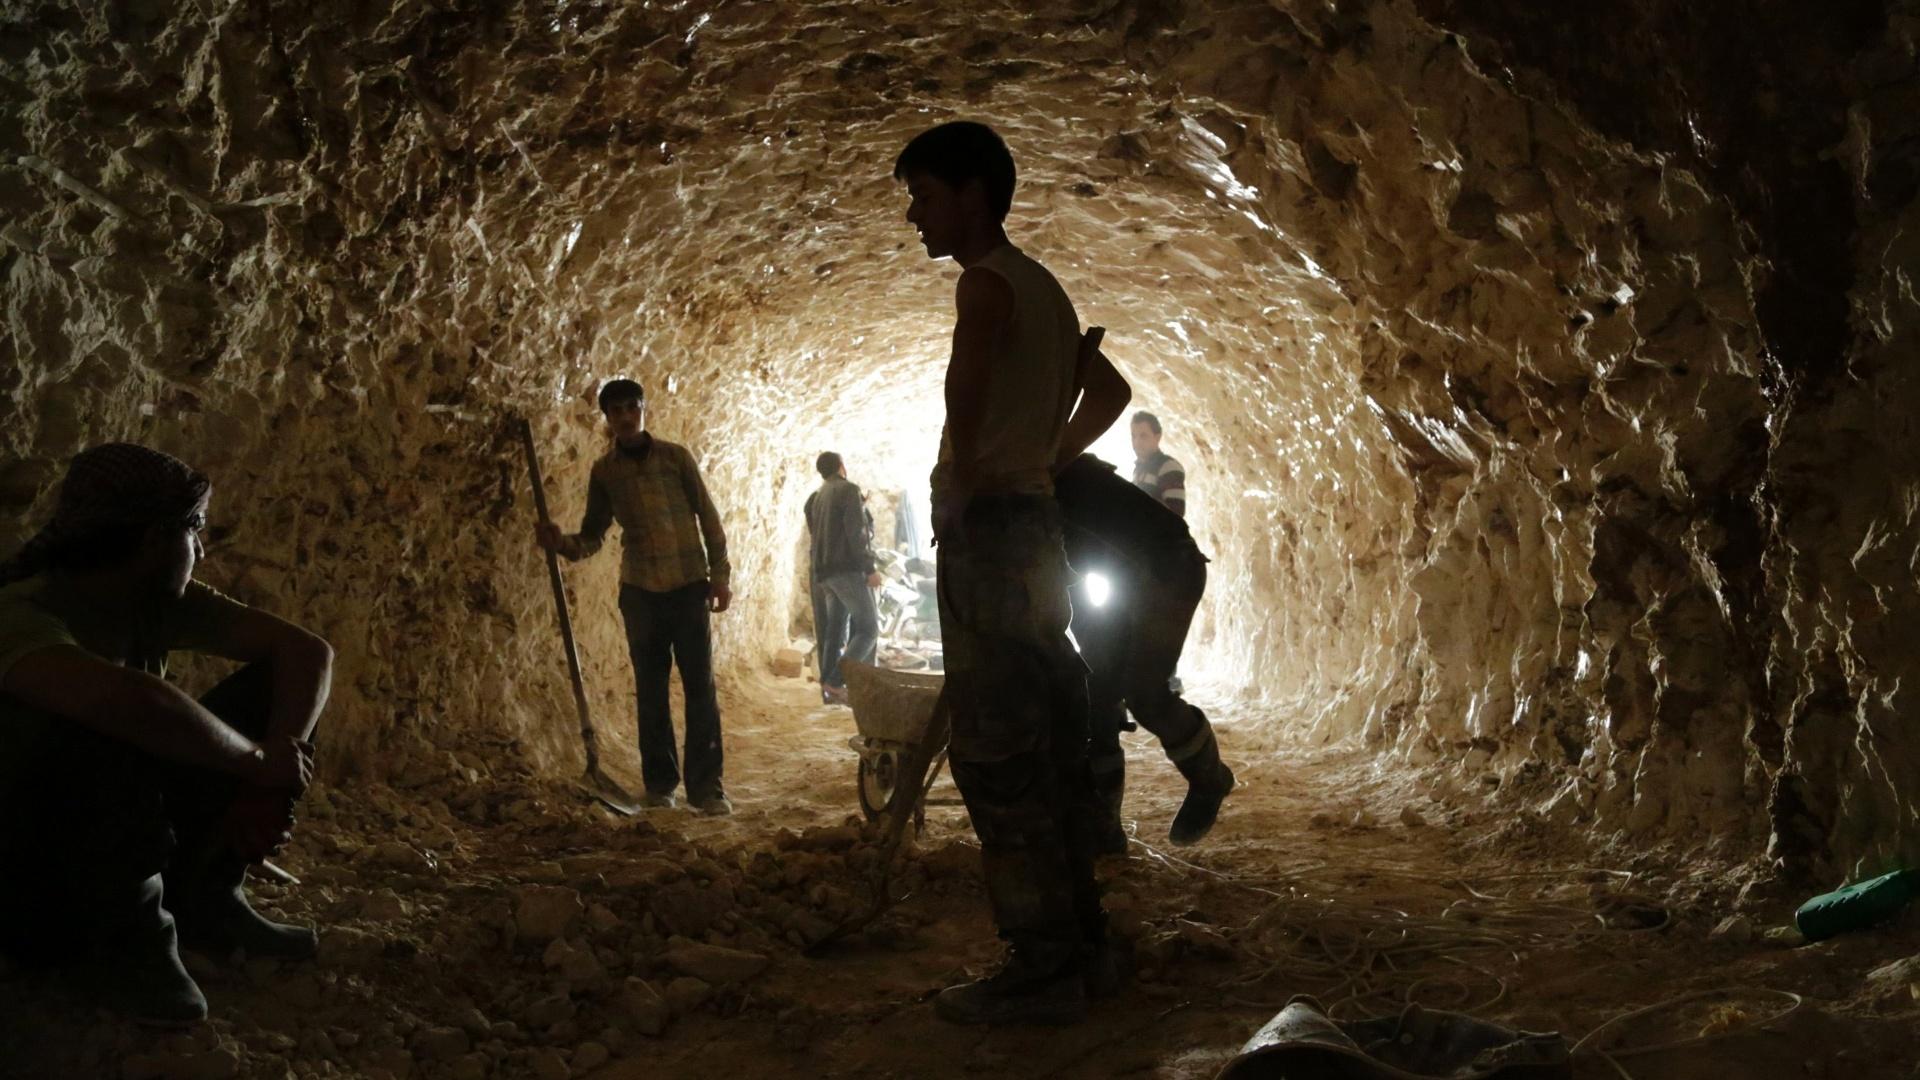 9.mar.2015 - Rebeldes cavam túneis em montanhas para serem usados como abrigos durante bombardeio das forças leais ao presidente da Síria, Bashar al-Assad, em al-Latamna, no norte do interior de Hama, na Síria, nesta segunda-feira (9)